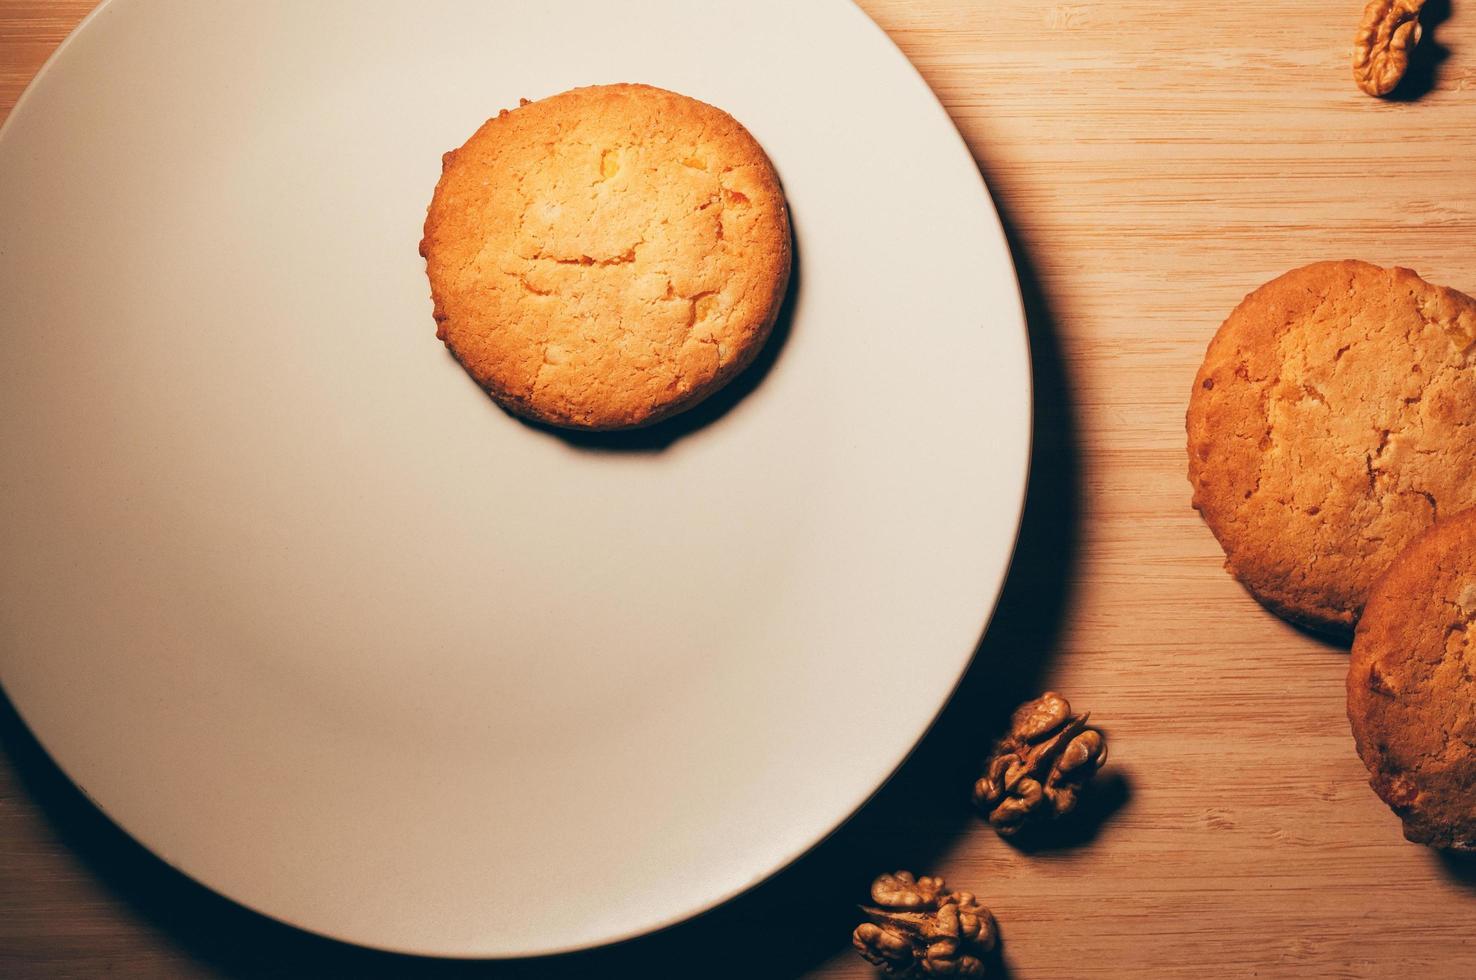 ovanifrån av kex med wallnuts, på en vit tallrik och träbord foto